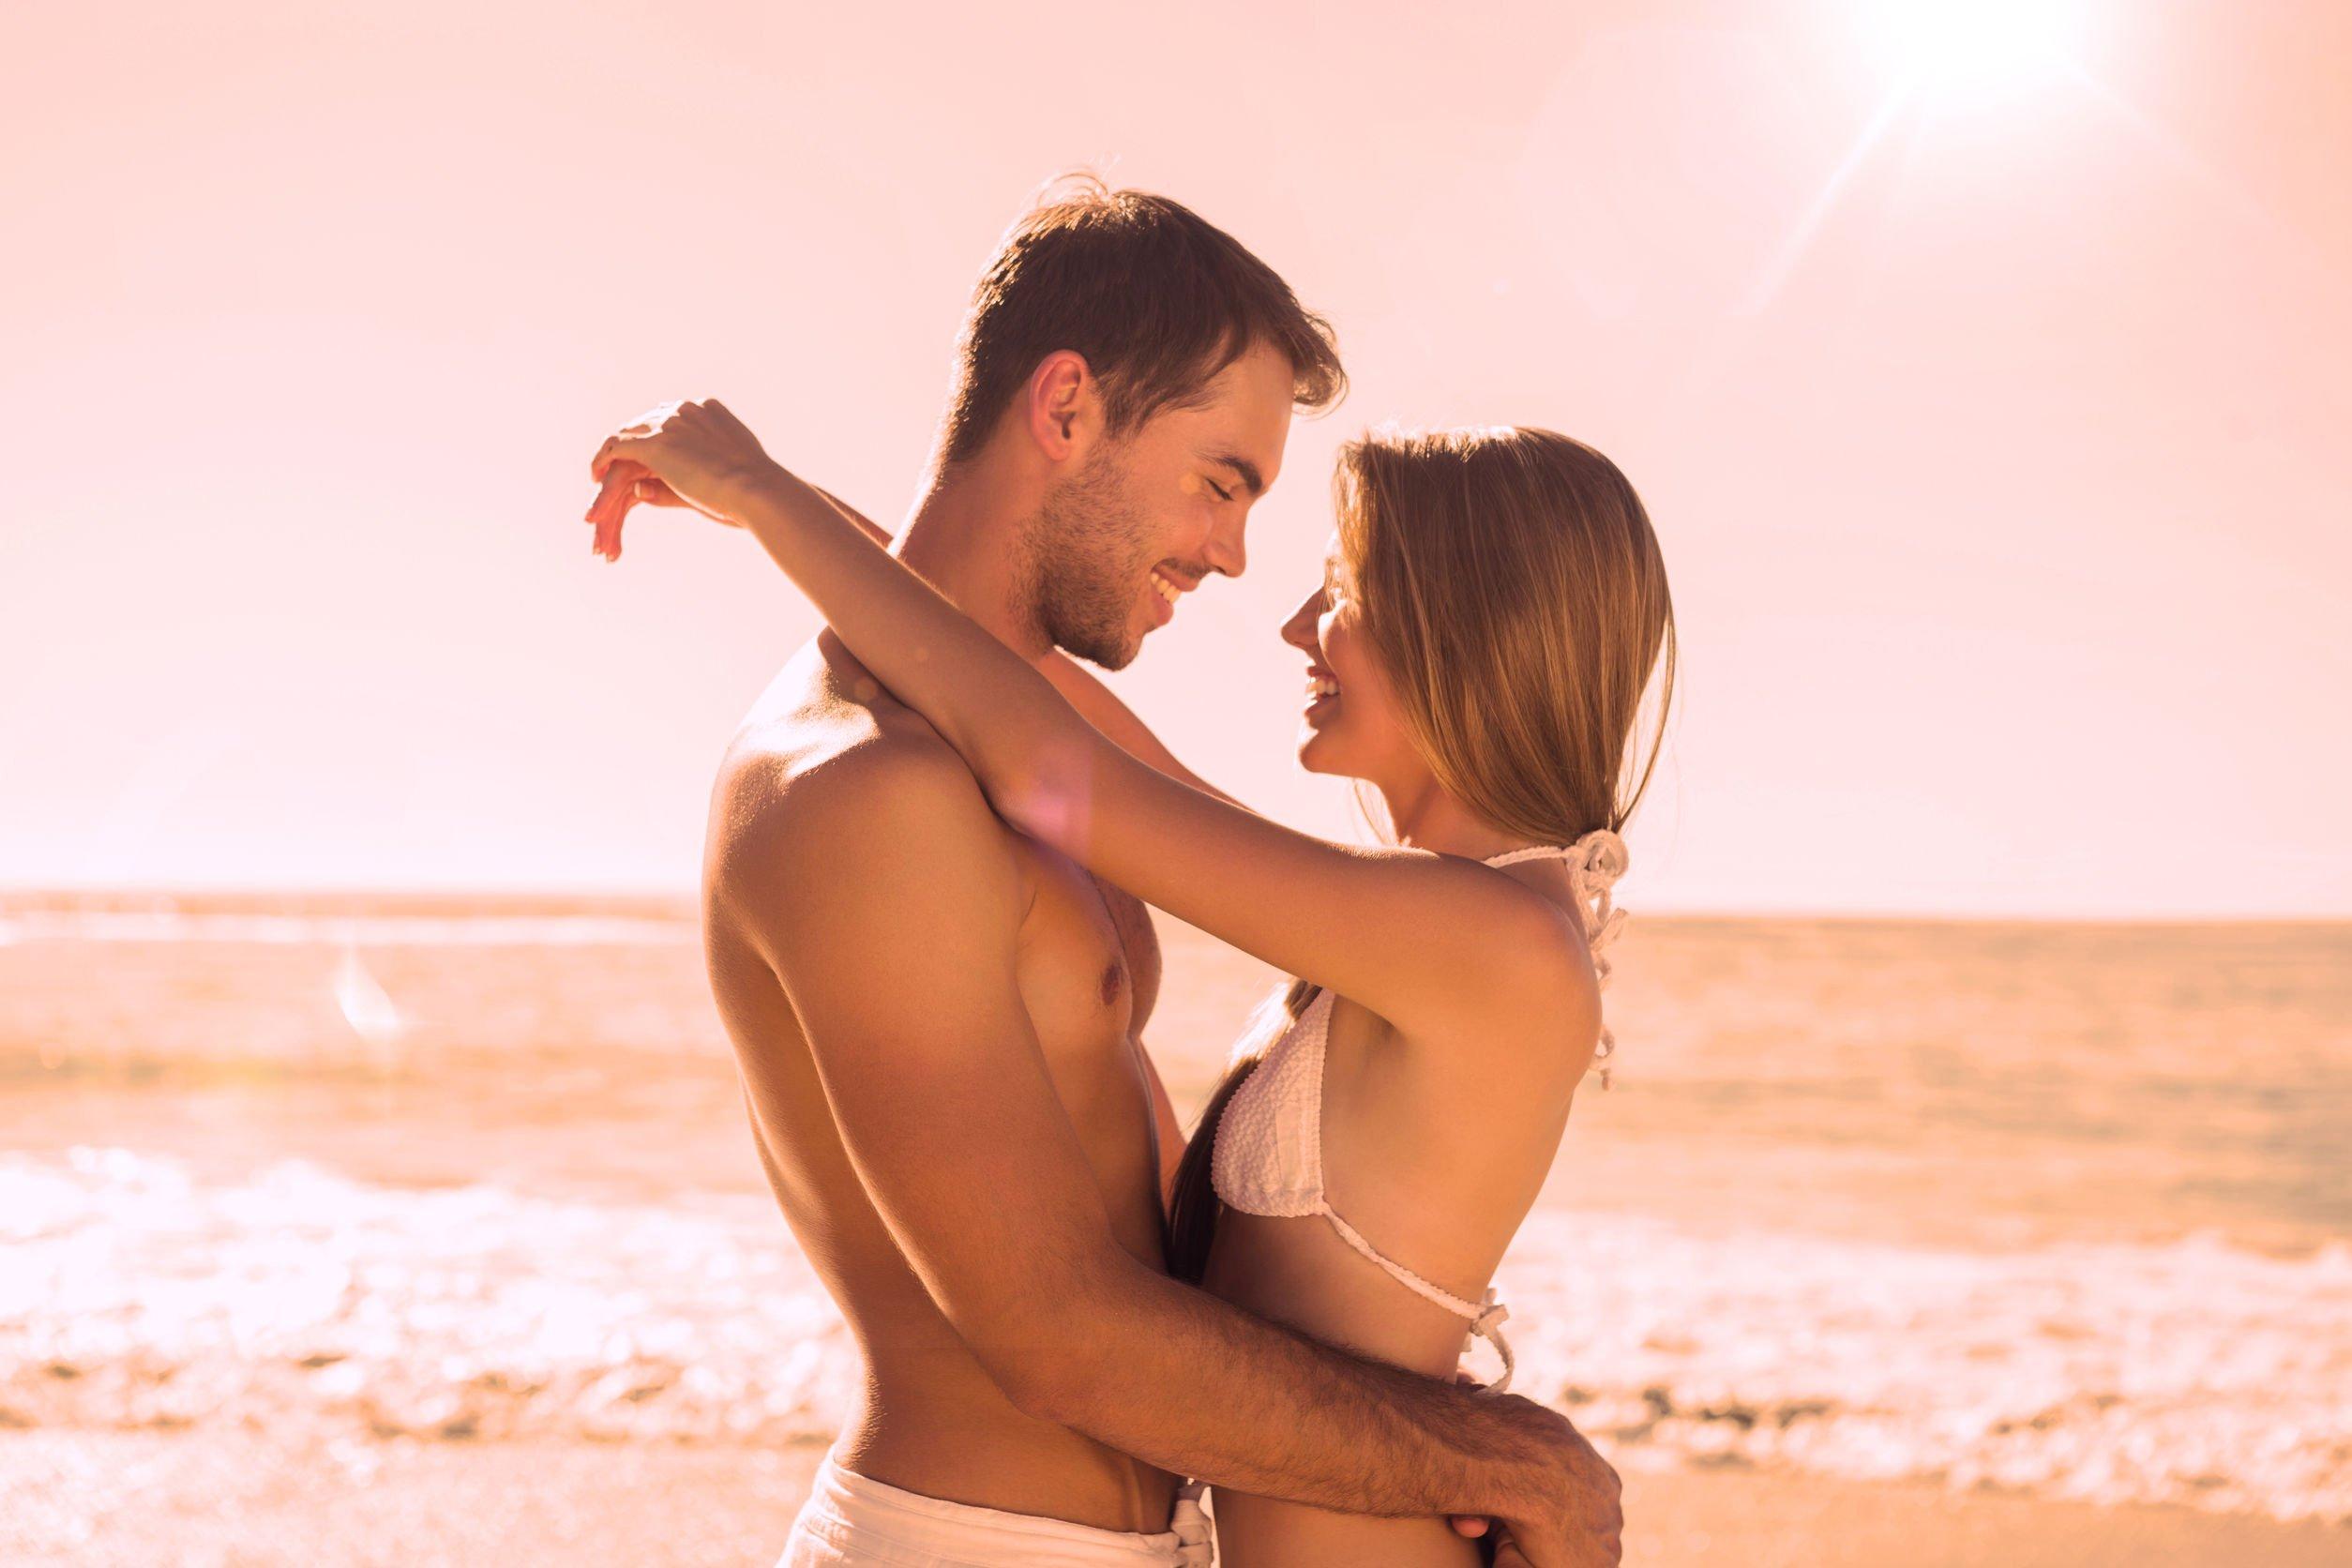 Рассказы секс втроём на пляже, Свингеры рассказы -историй. Читать порно онлайн 13 фотография